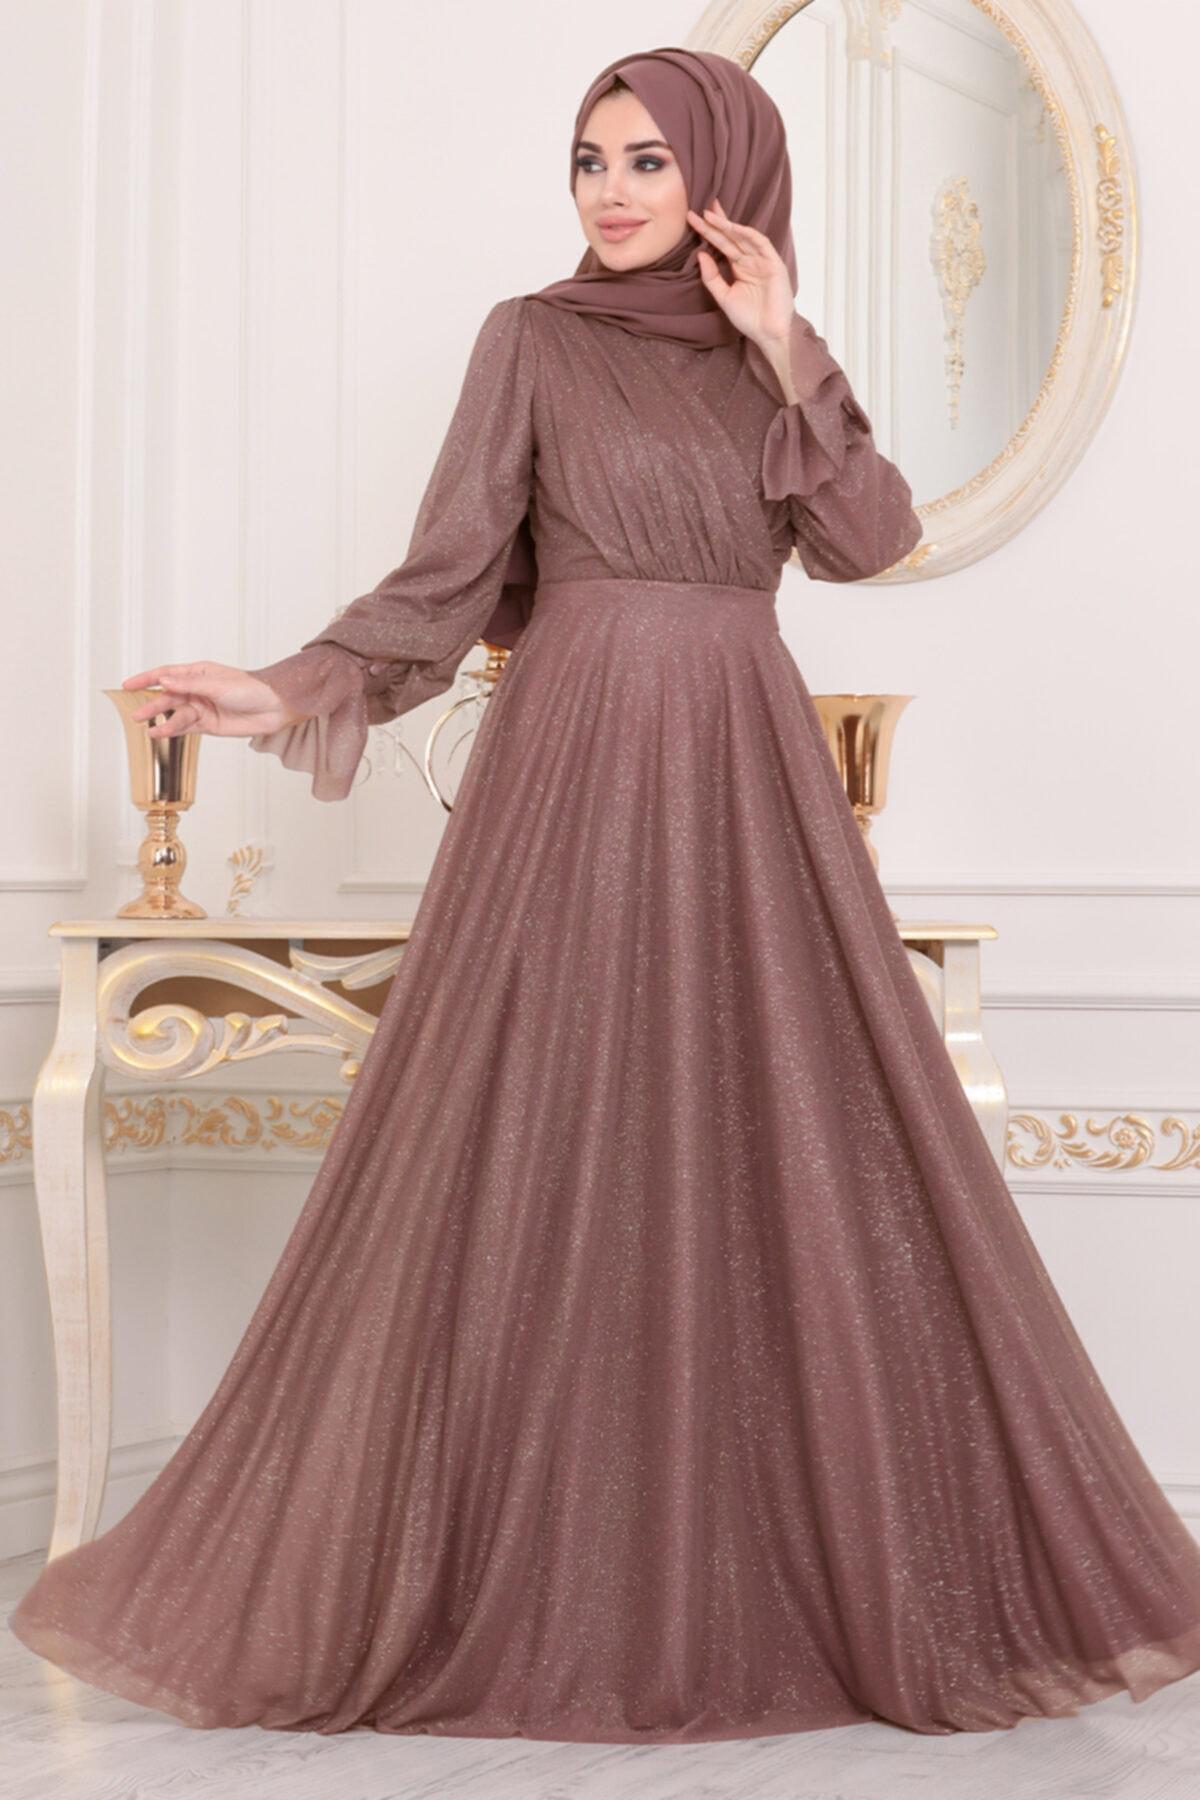 Neva Style Tesettürlü Abiye Elbiseler - Koyu Gül Kurusu Tesettür Abiye Elbise 22202kgk 1